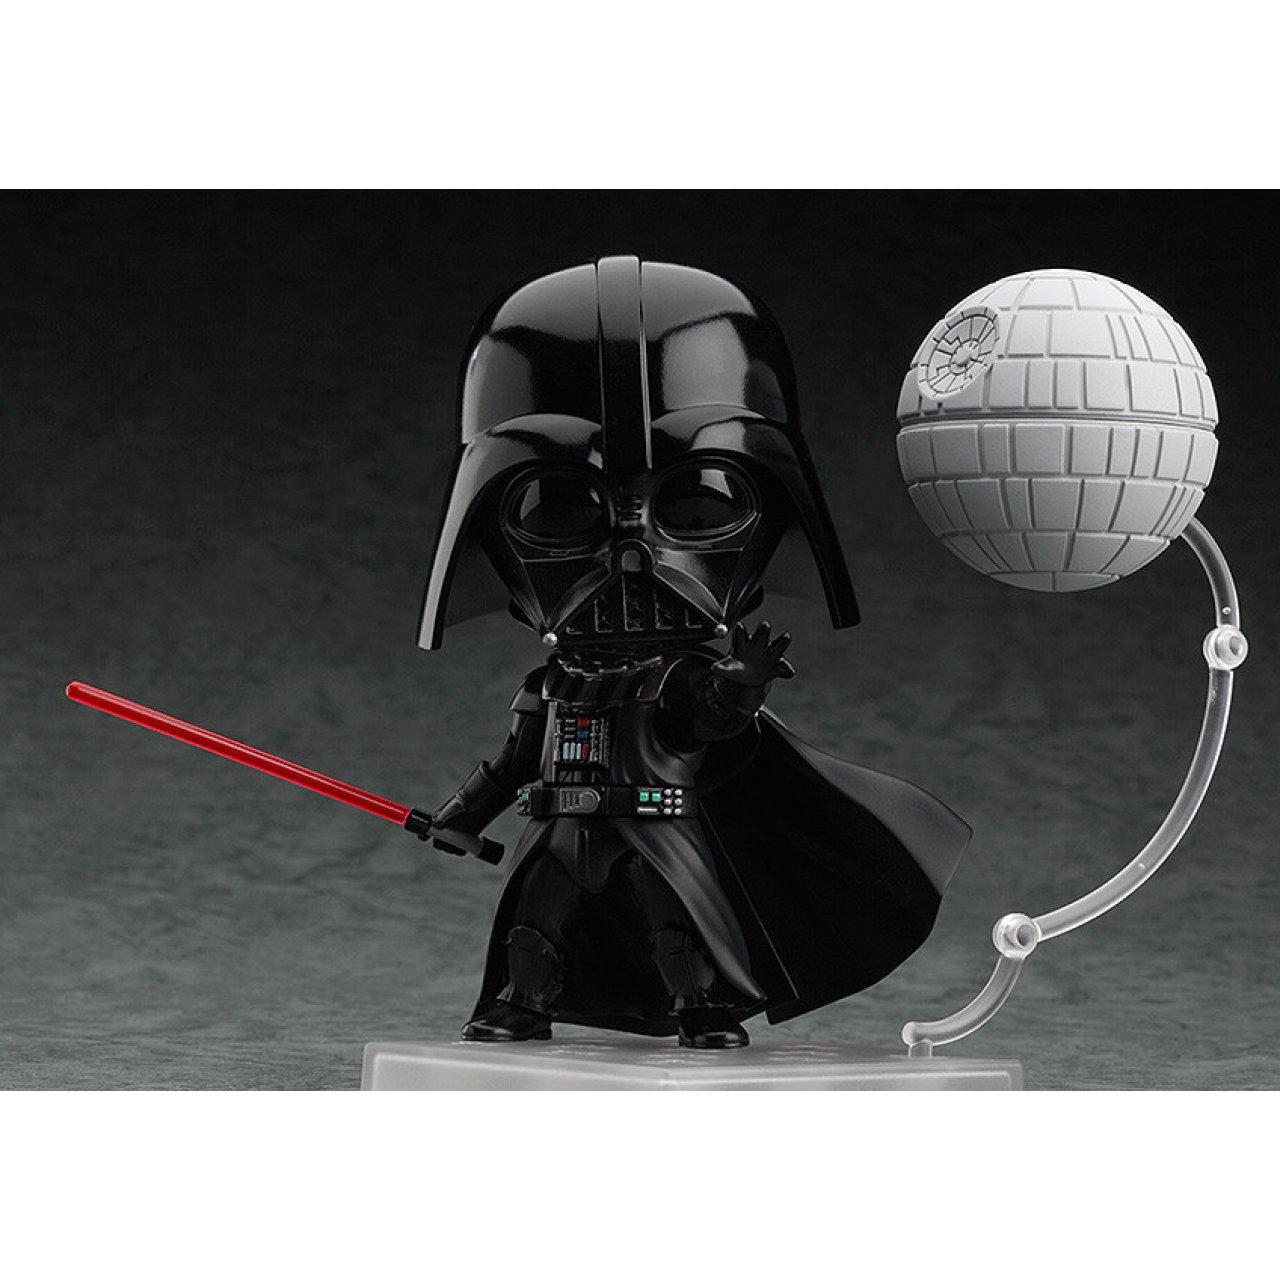 nendoroid-no-502-star-wars-darth-vader-403237.1